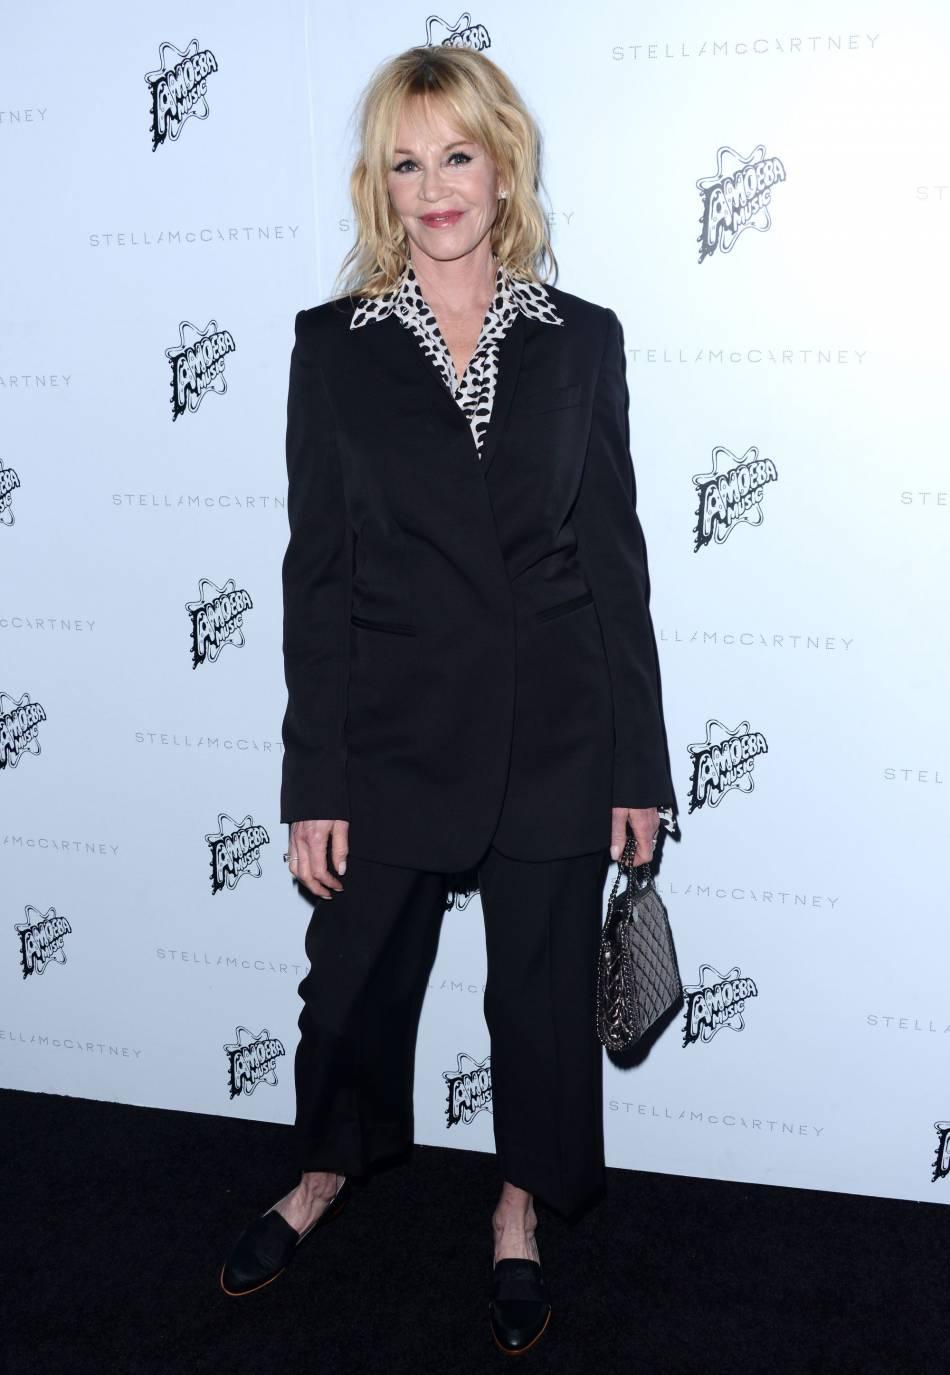 Melanie Griffith à la présentation de la collection de l'Automne 2016 de Stella McCartney, à Los Angeles, ce mardi 12 janvier 2016.